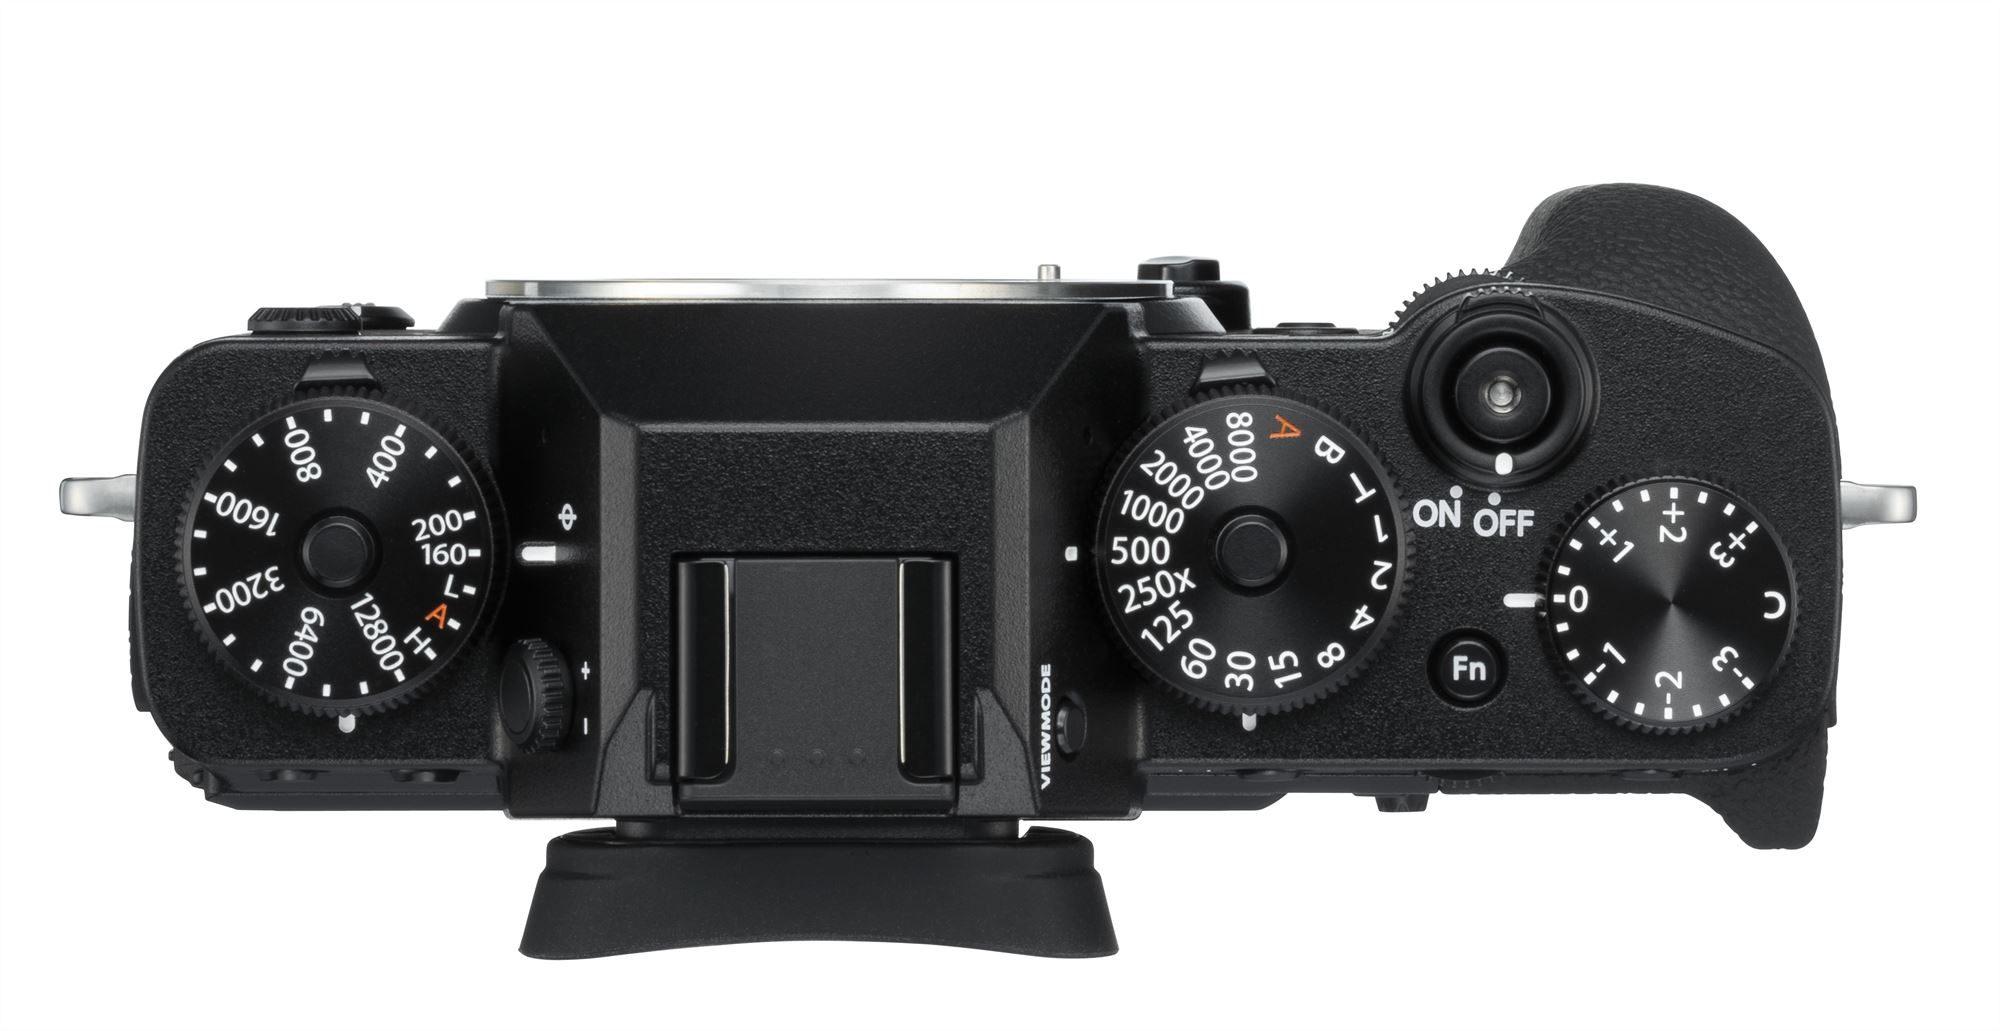 Fujifilm X-T3 Body Only - Black